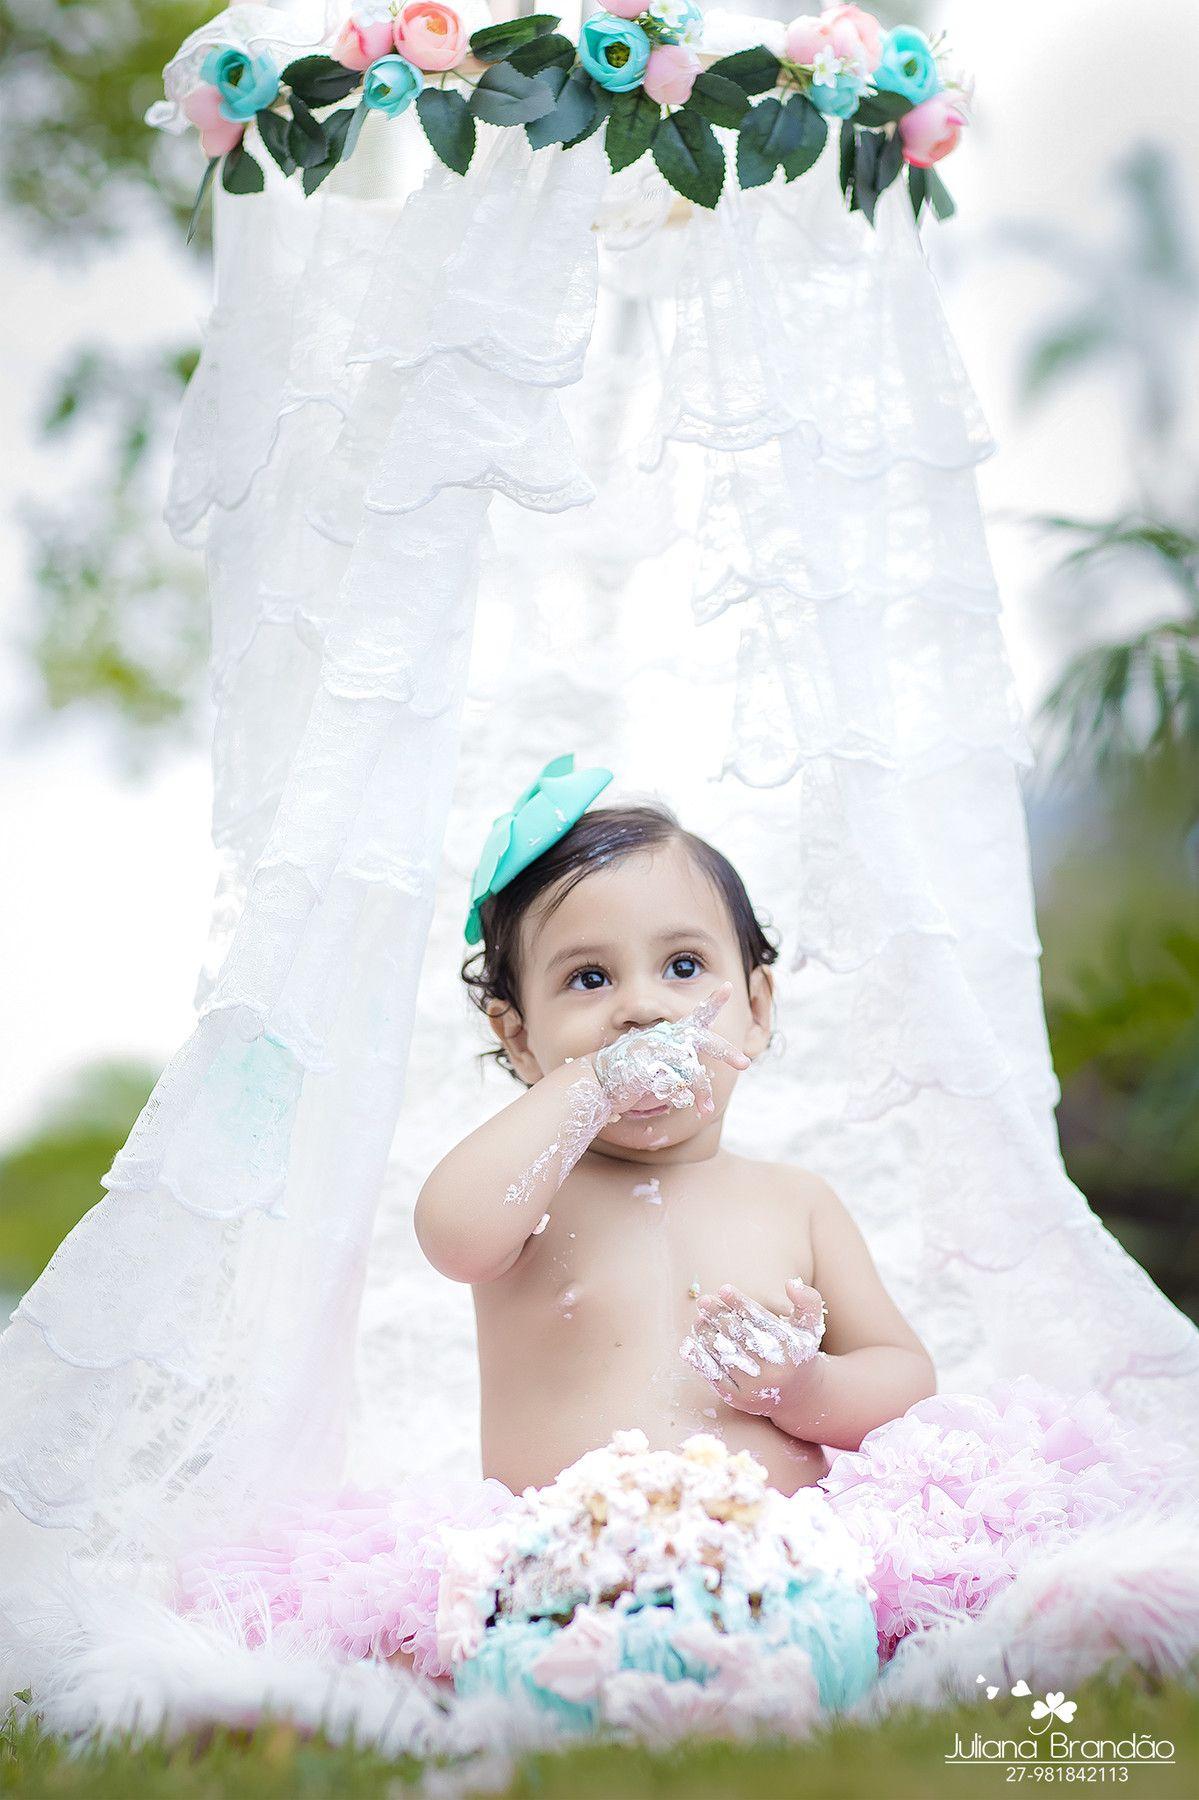 Tem coisa mais divertida do que o primeiro contato do bebê com esse mundo doce?Mesmo dodoizinha a Isabella se divertiu nesse ensaio.Adorou colocar a testa no bolo rs.